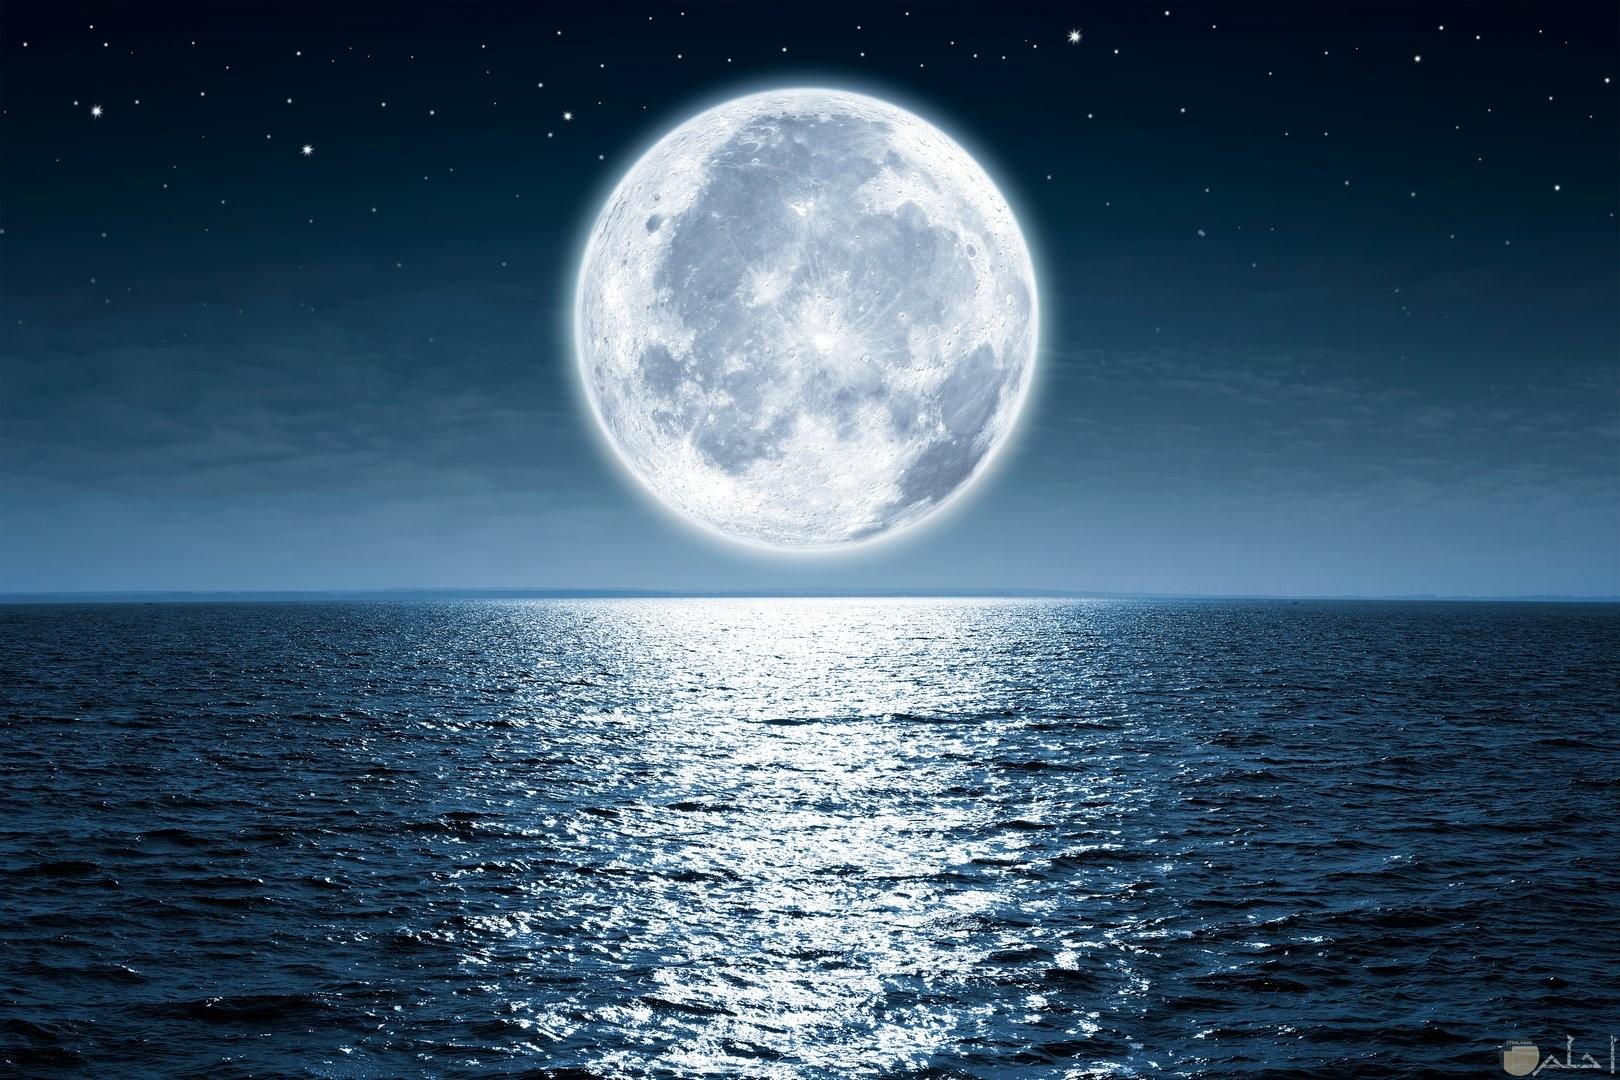 خلفية رائعة لانعكاس القمر على ماء البحر